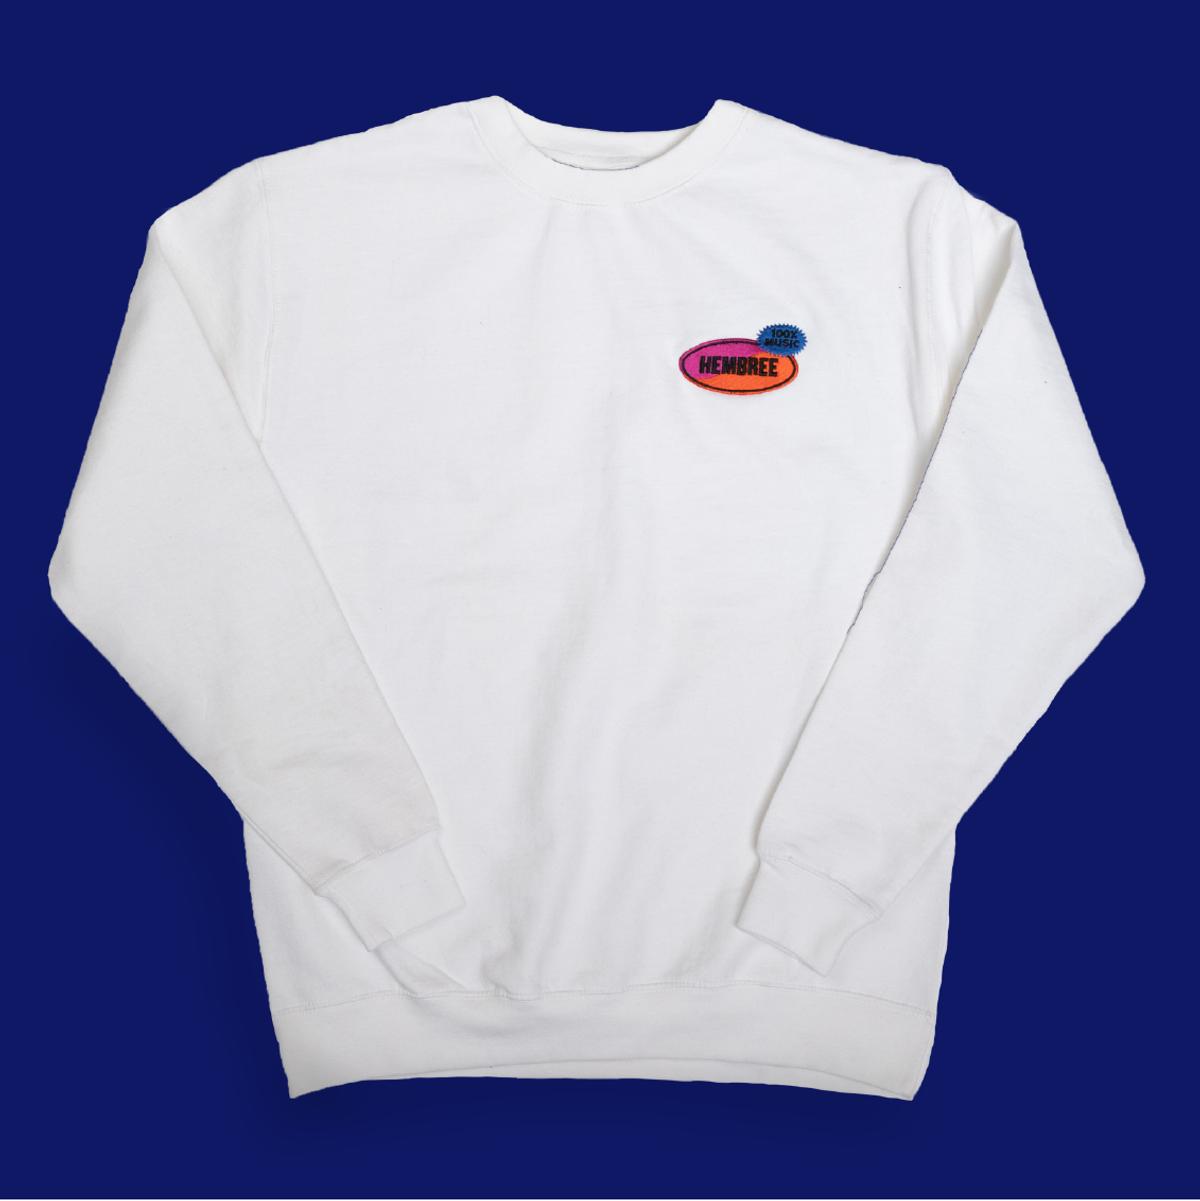 100% Music White Crewneck Sweatshirt - Hembree